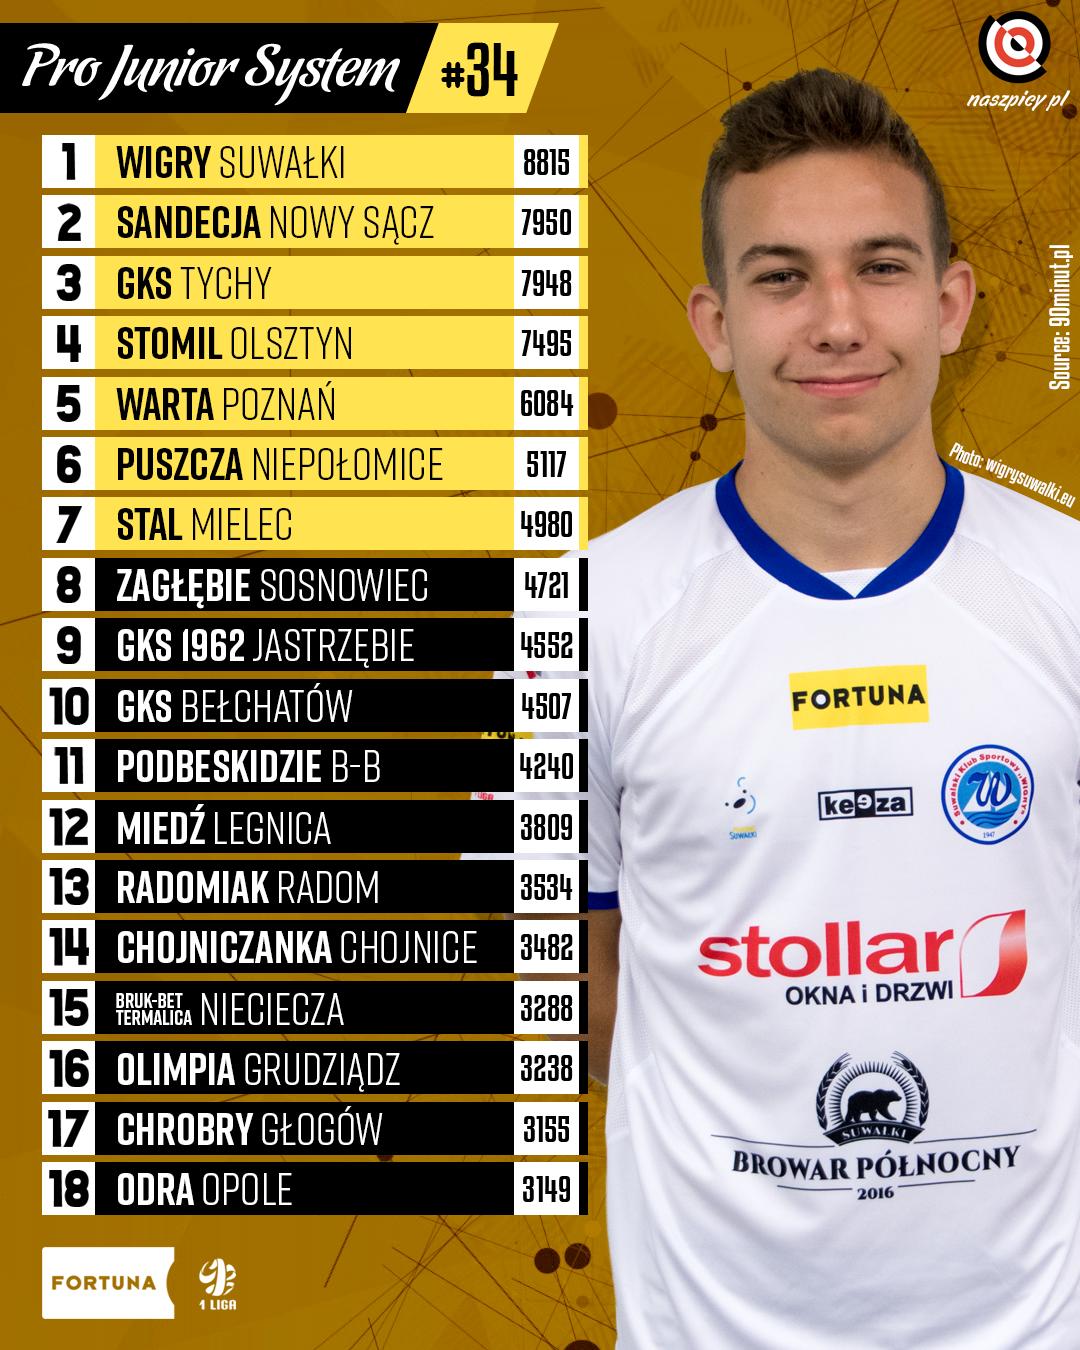 Punktacja Pro Junior System po 34. kolejce Fortuna 1 Ligi 2019/20<br><br>Źródło: Opracowanie własne na podstawie 90minut.pl<br><br>fot. Wigry Suwałki / wigrysuwalki.eu<br><br>graf. Bartosz Urban